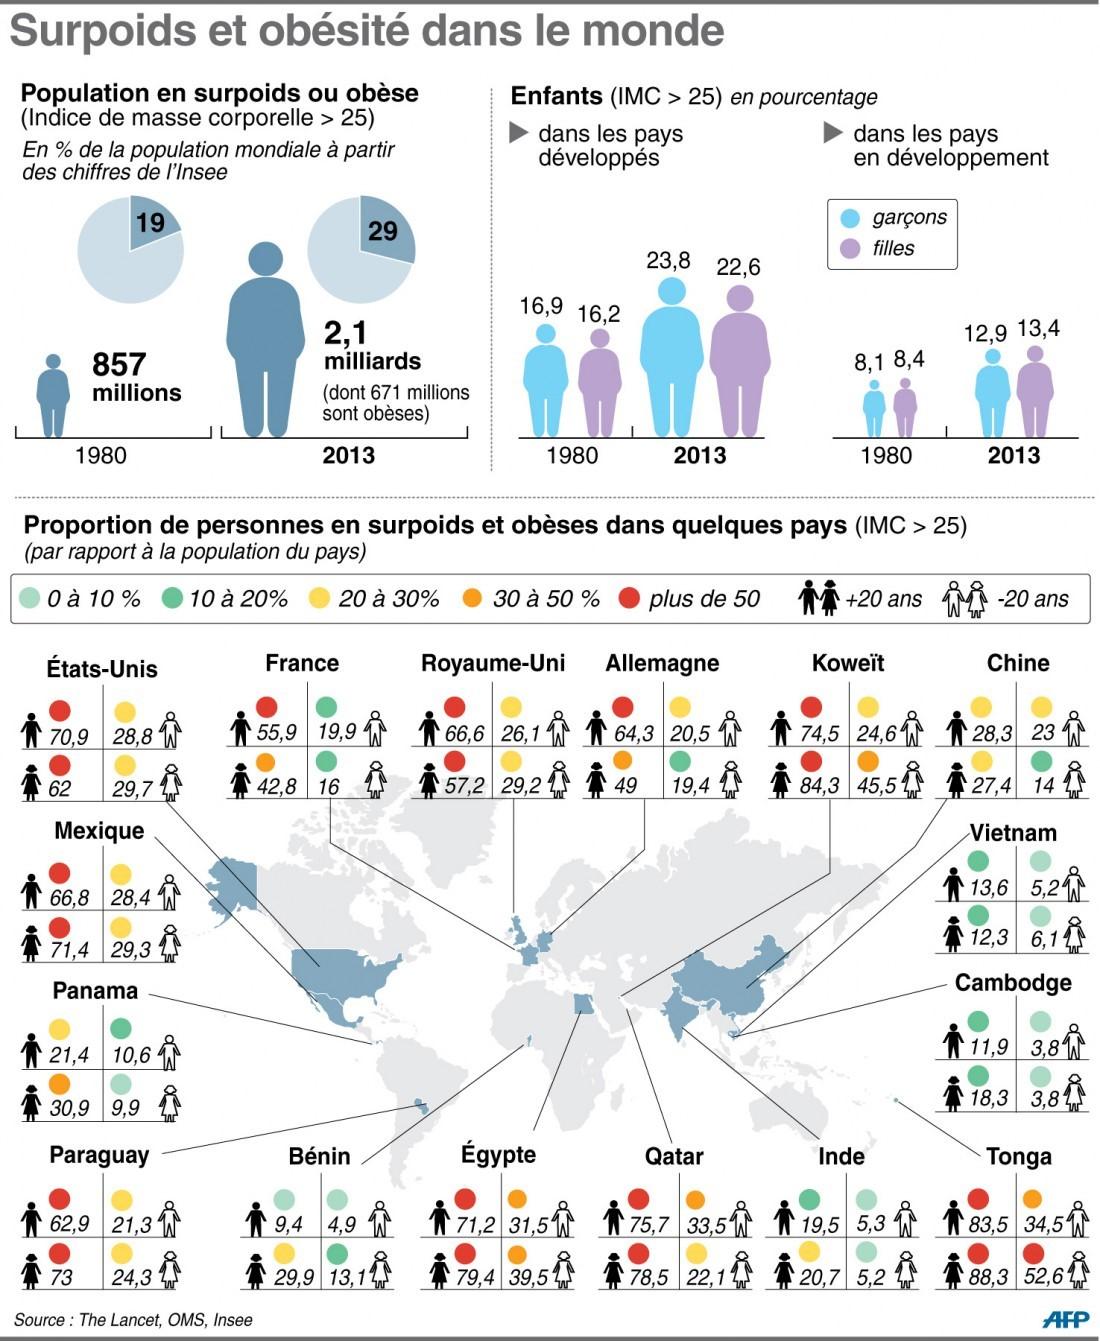 Surpoids et obésité dans le monde